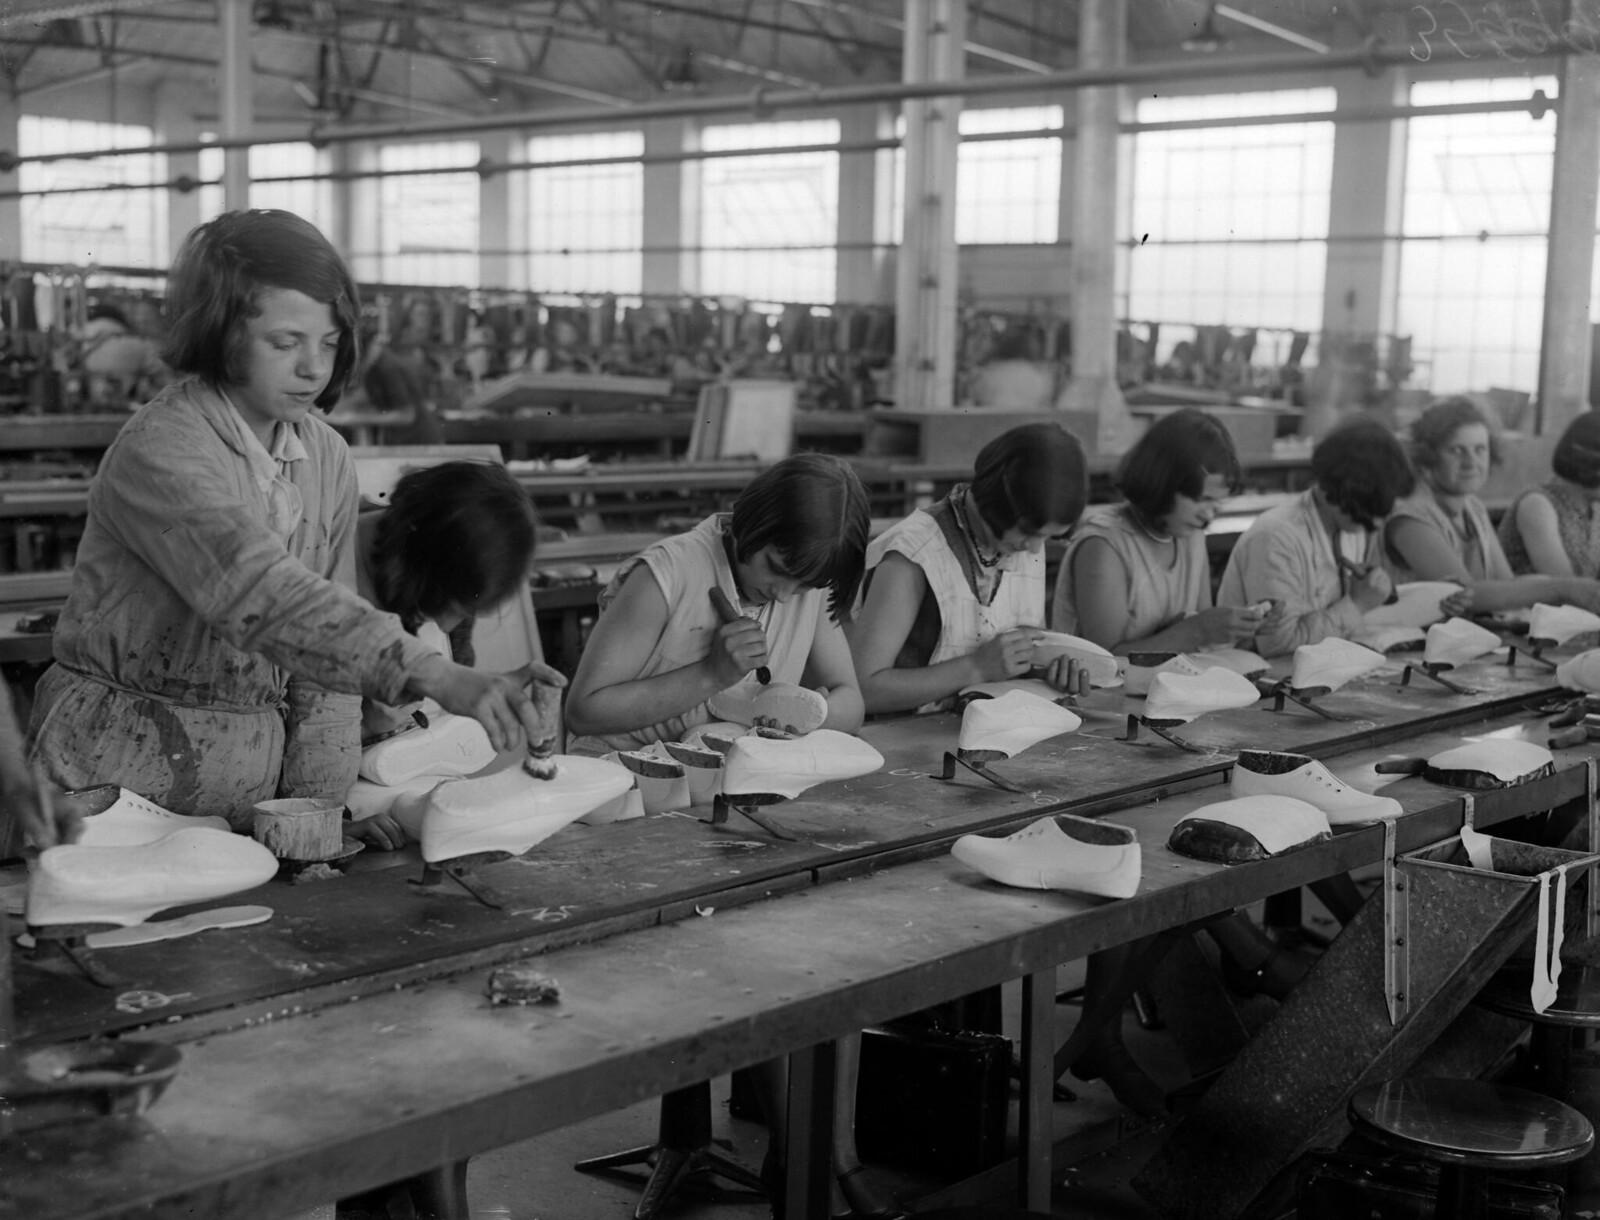 1931. Производственная линия на фабрике резиновой обуви Dunlop в Ливерпуле. 20 октября